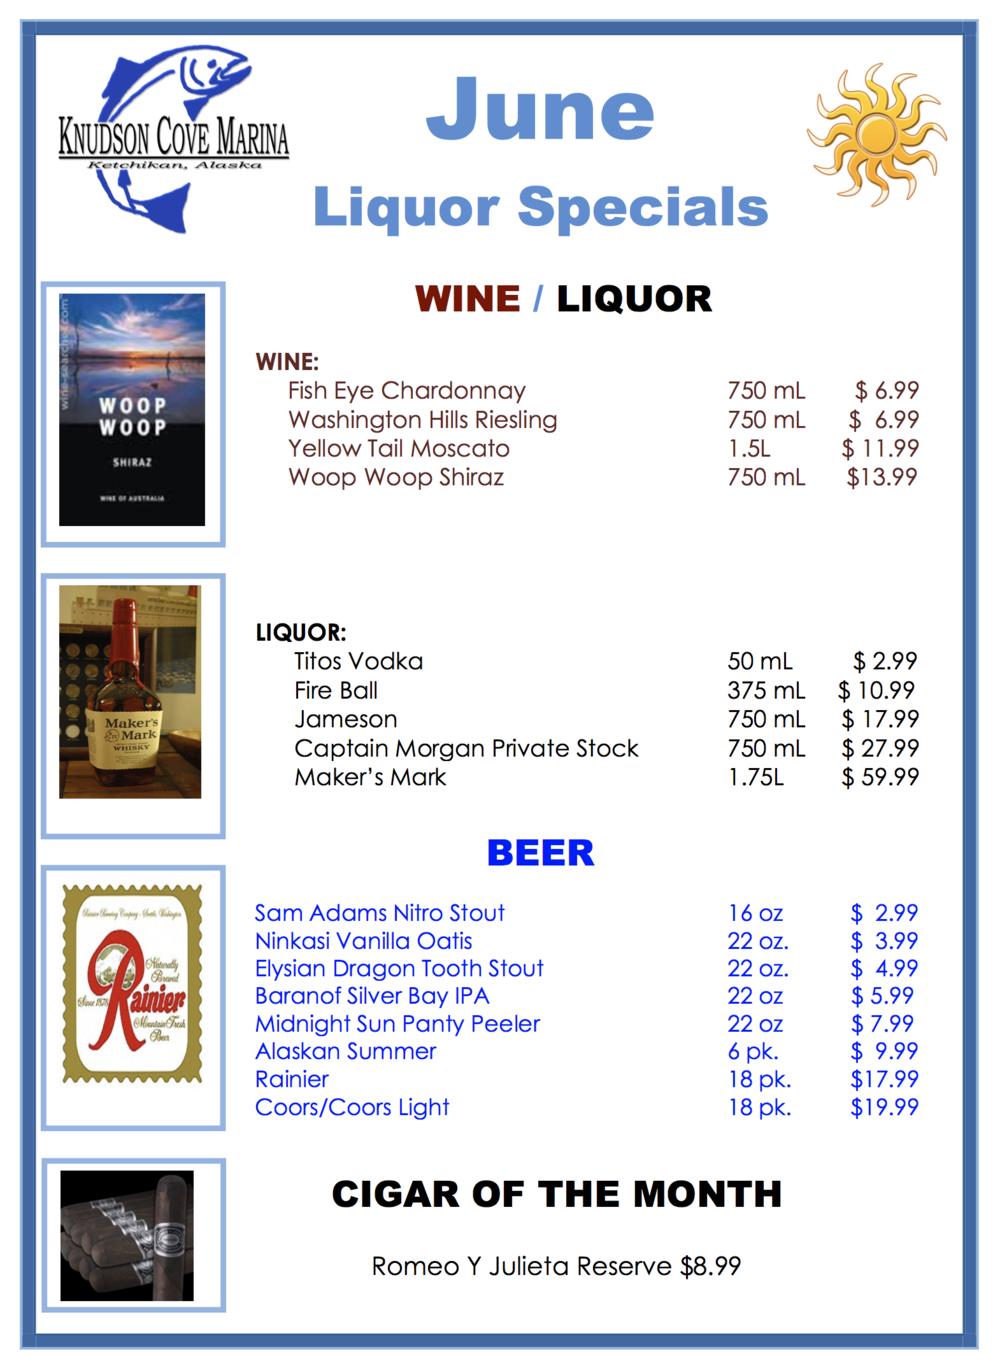 June Liquor Specials